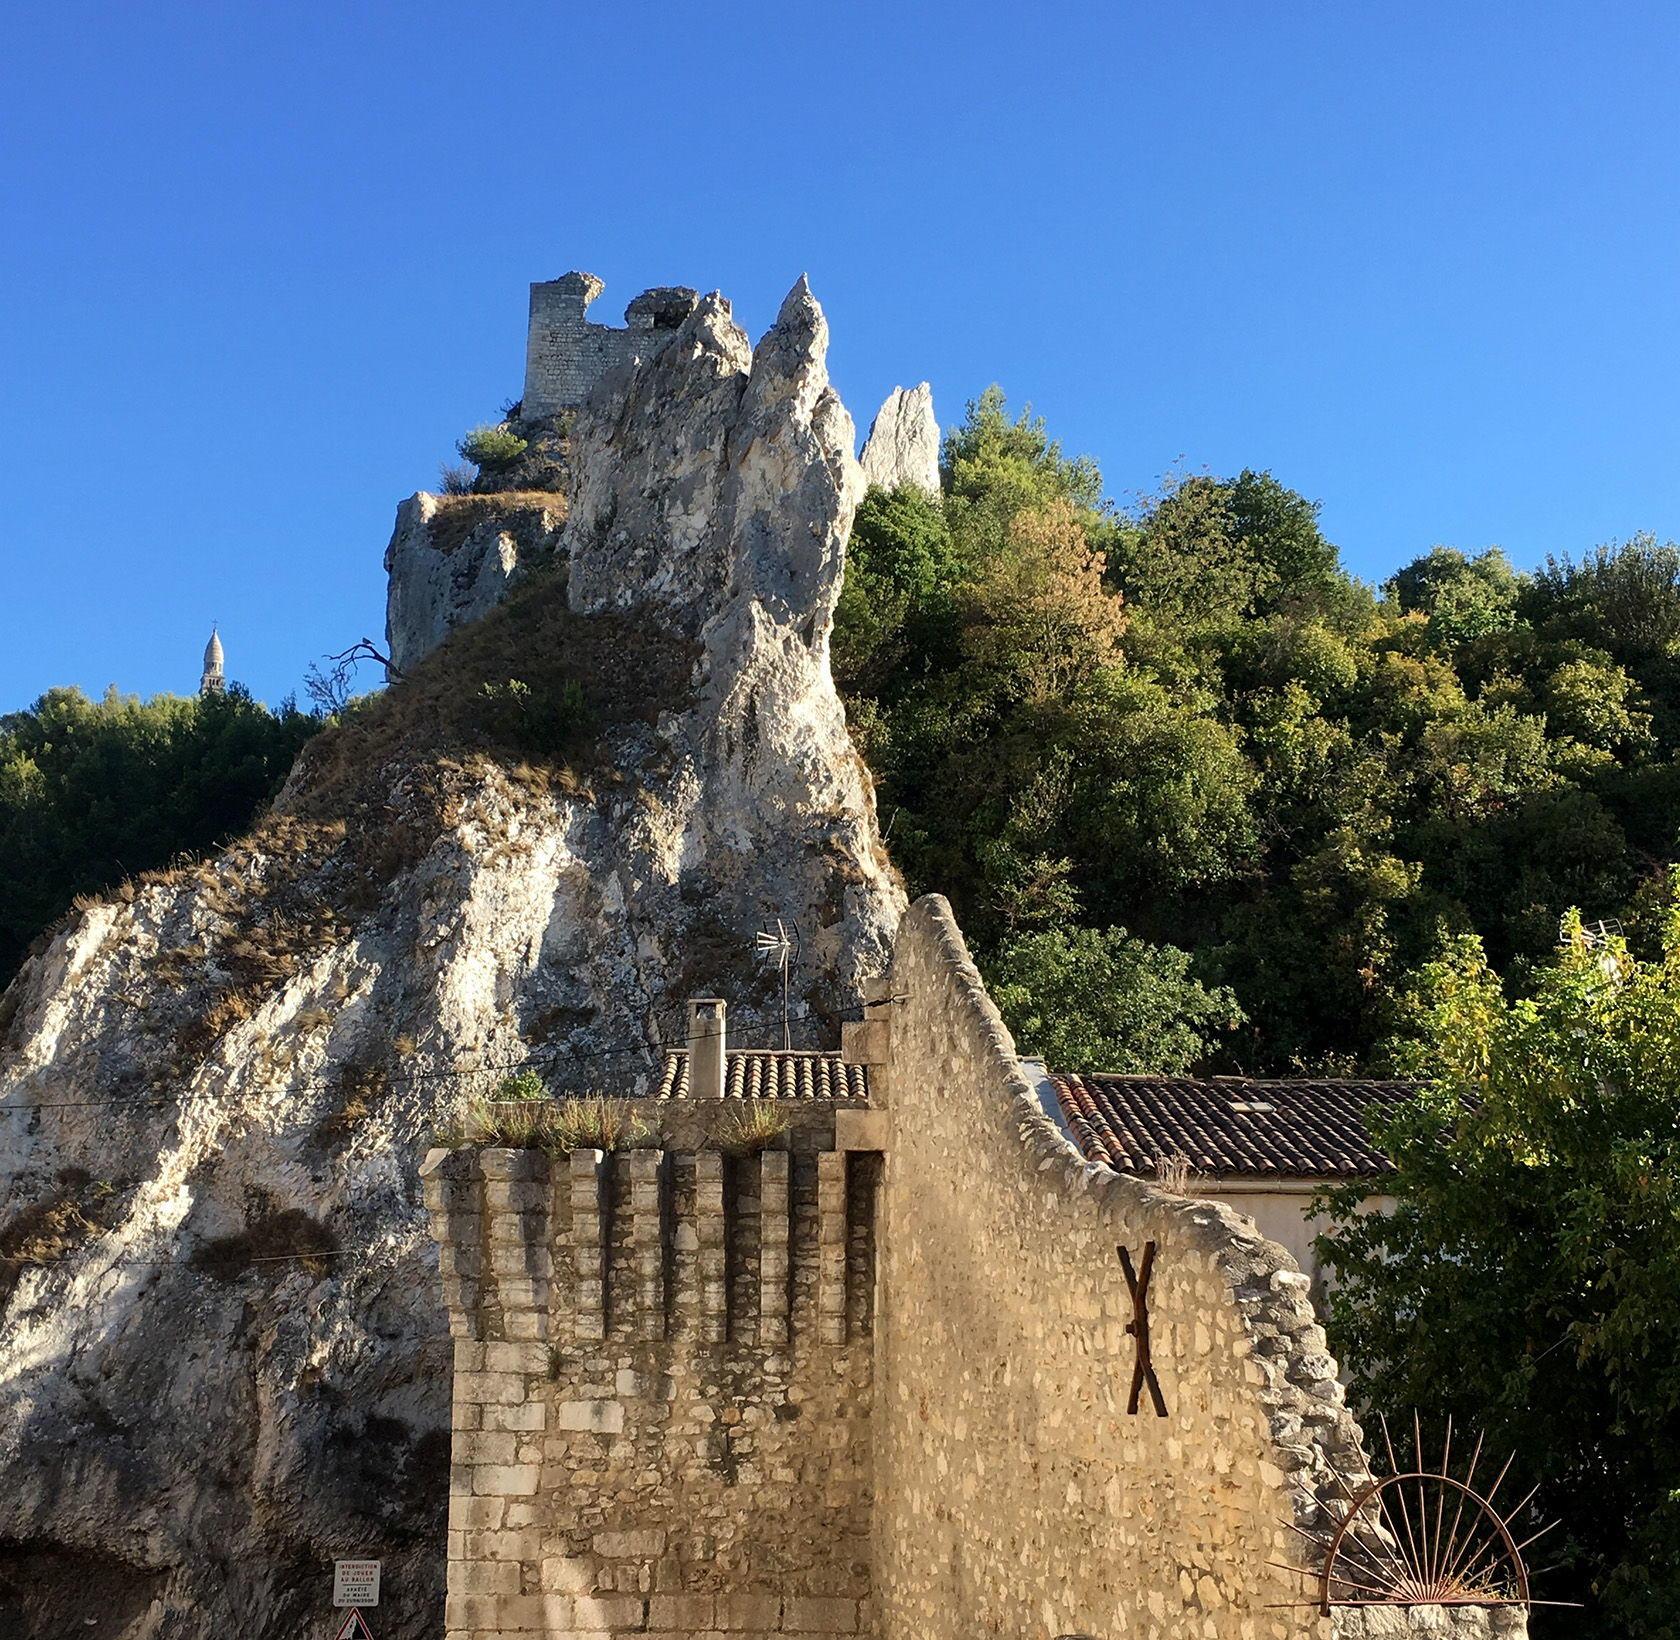 Guide Chateaux Alpilles Castles Orgon Ramparts Le château du Duc de Guise view Alpilles